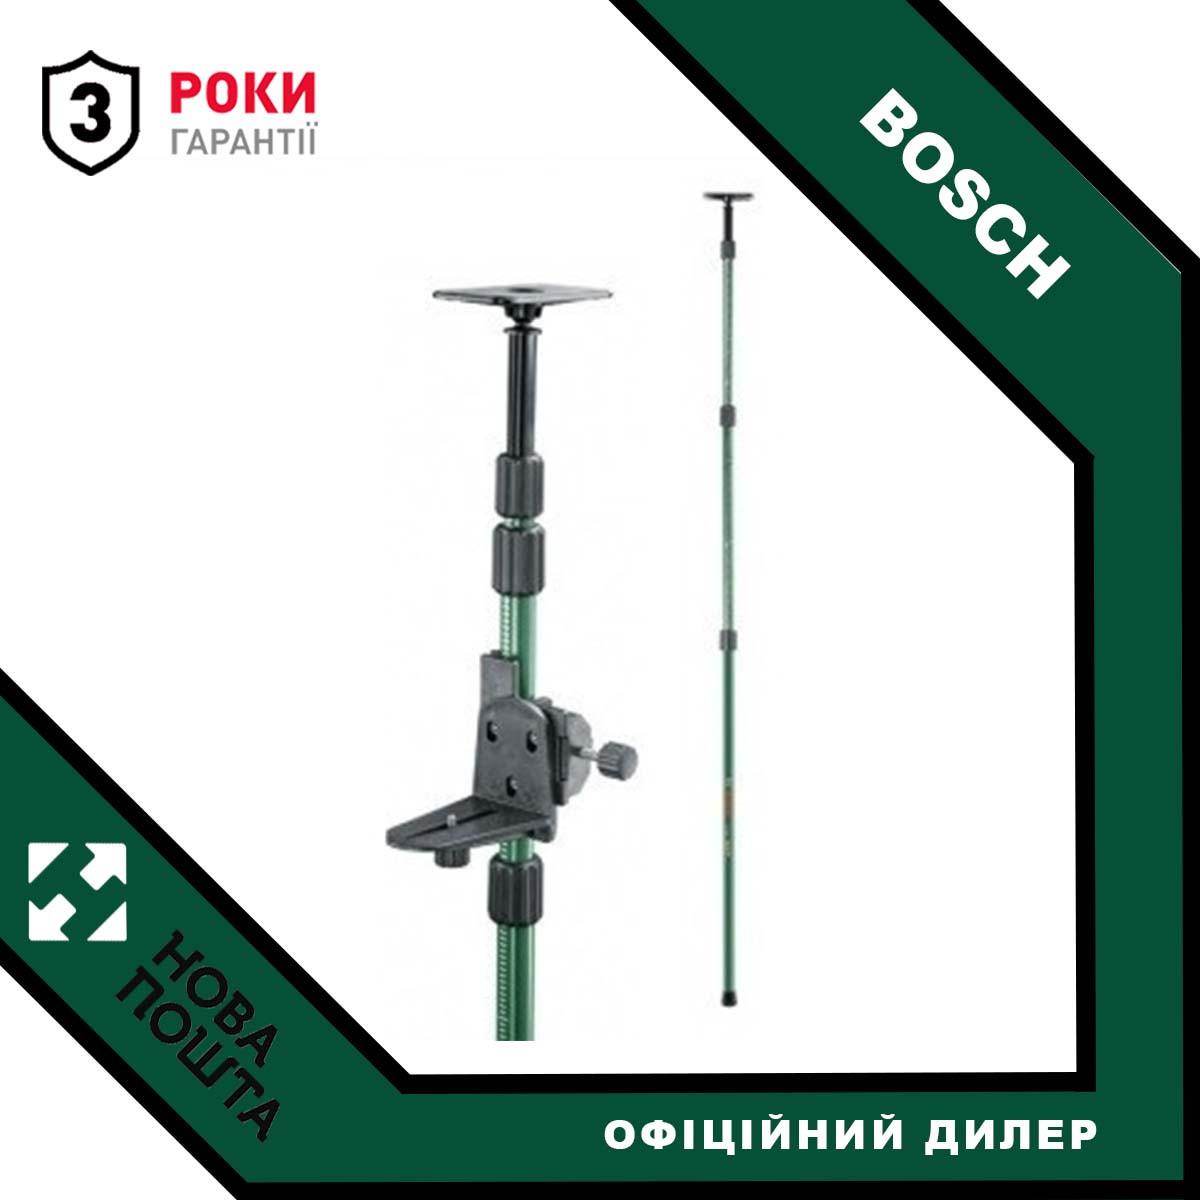 Телескопическая штанга Bosch TP 320